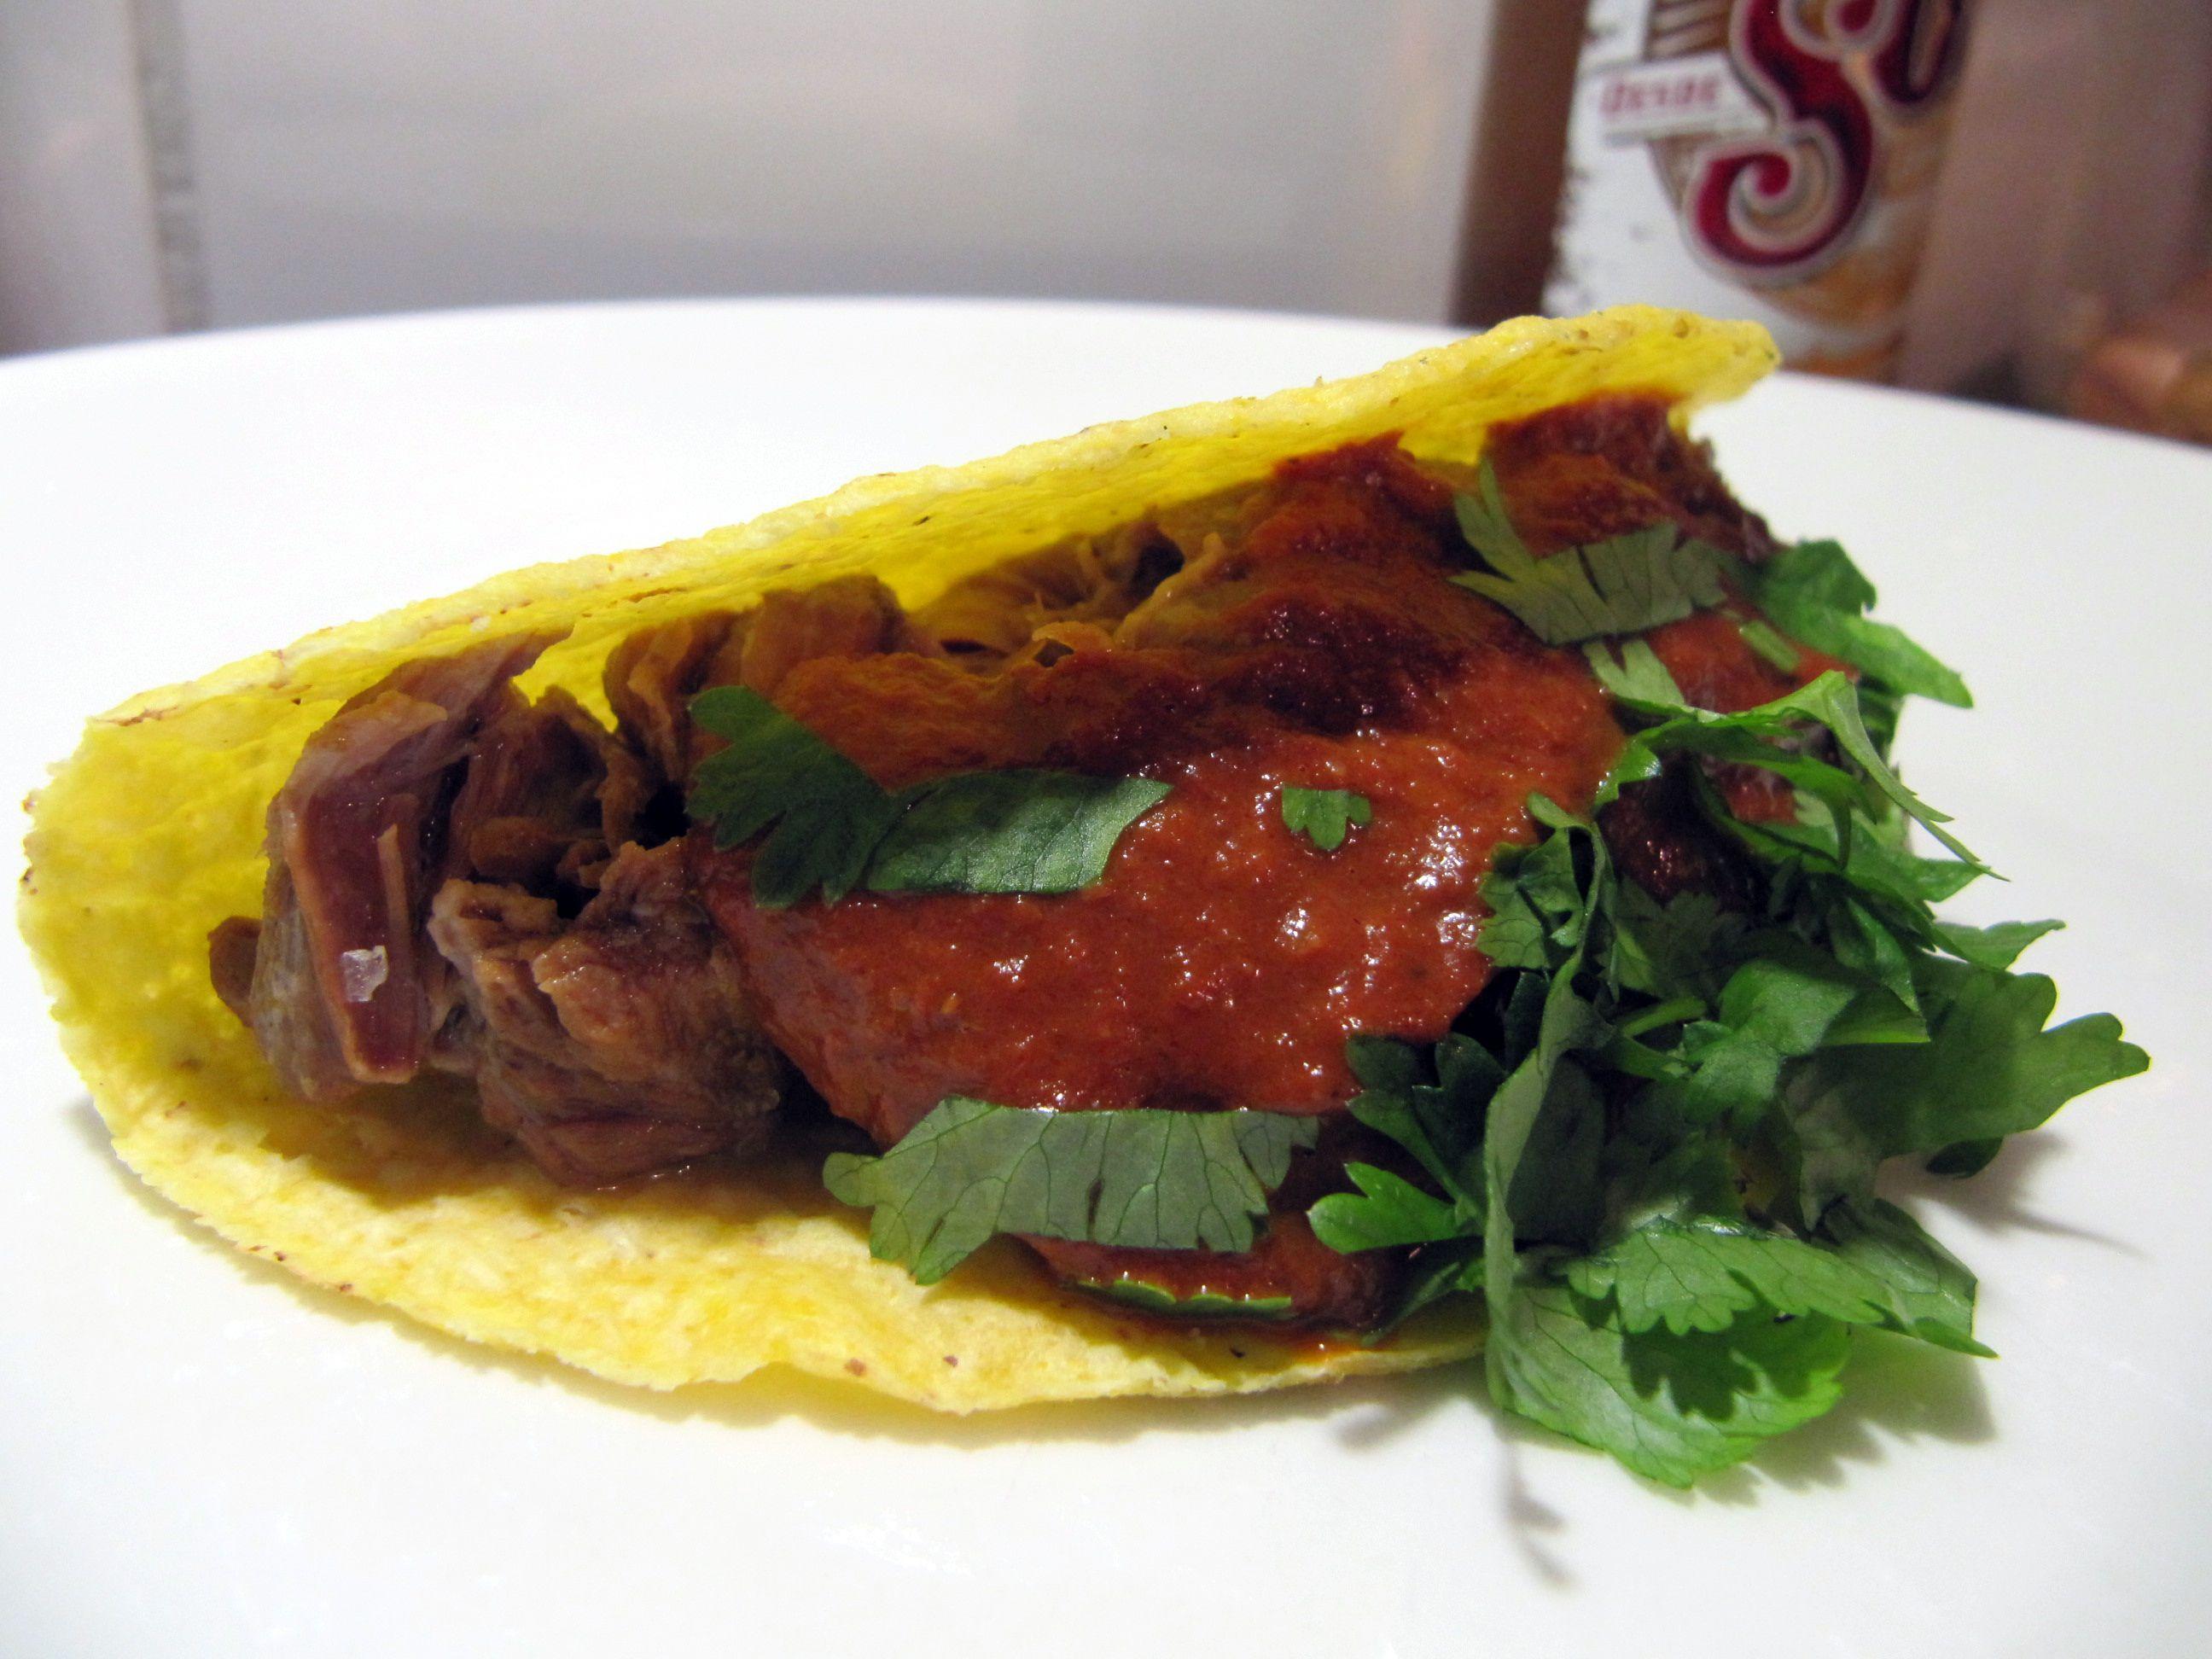 mole ja oluessa haudutettu possunposki taco